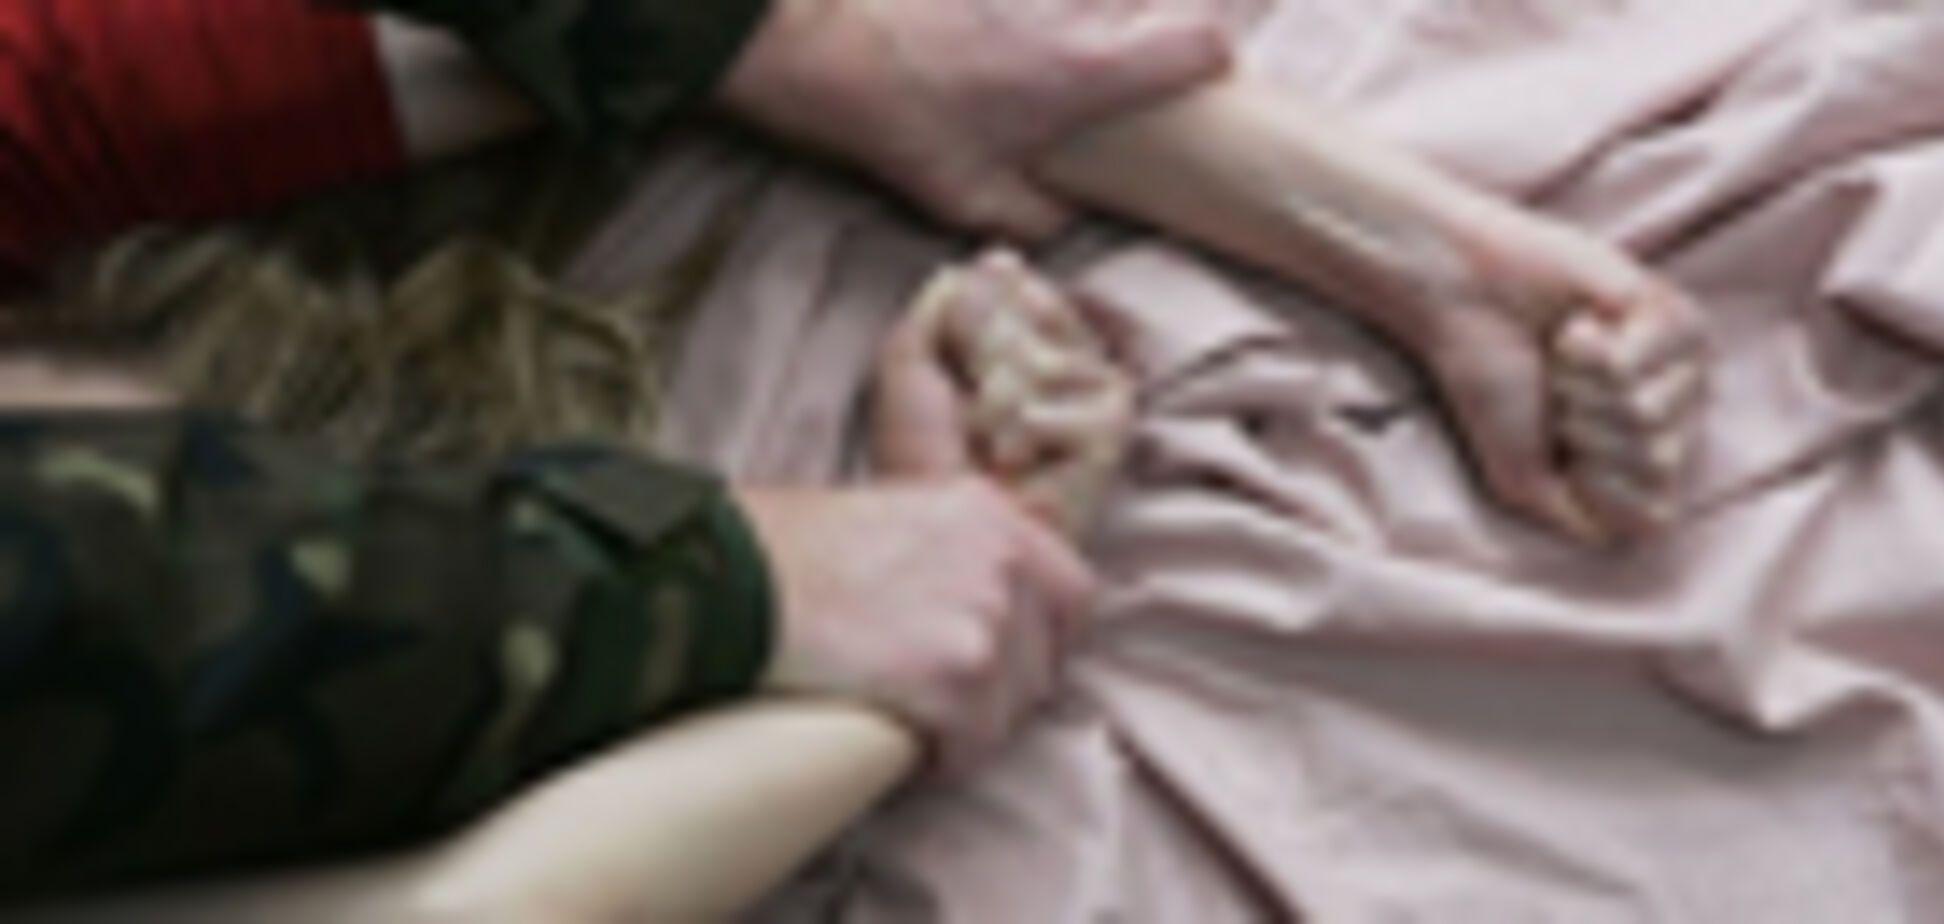 Билла Суркиса уличили в пристрастии к детскому порно